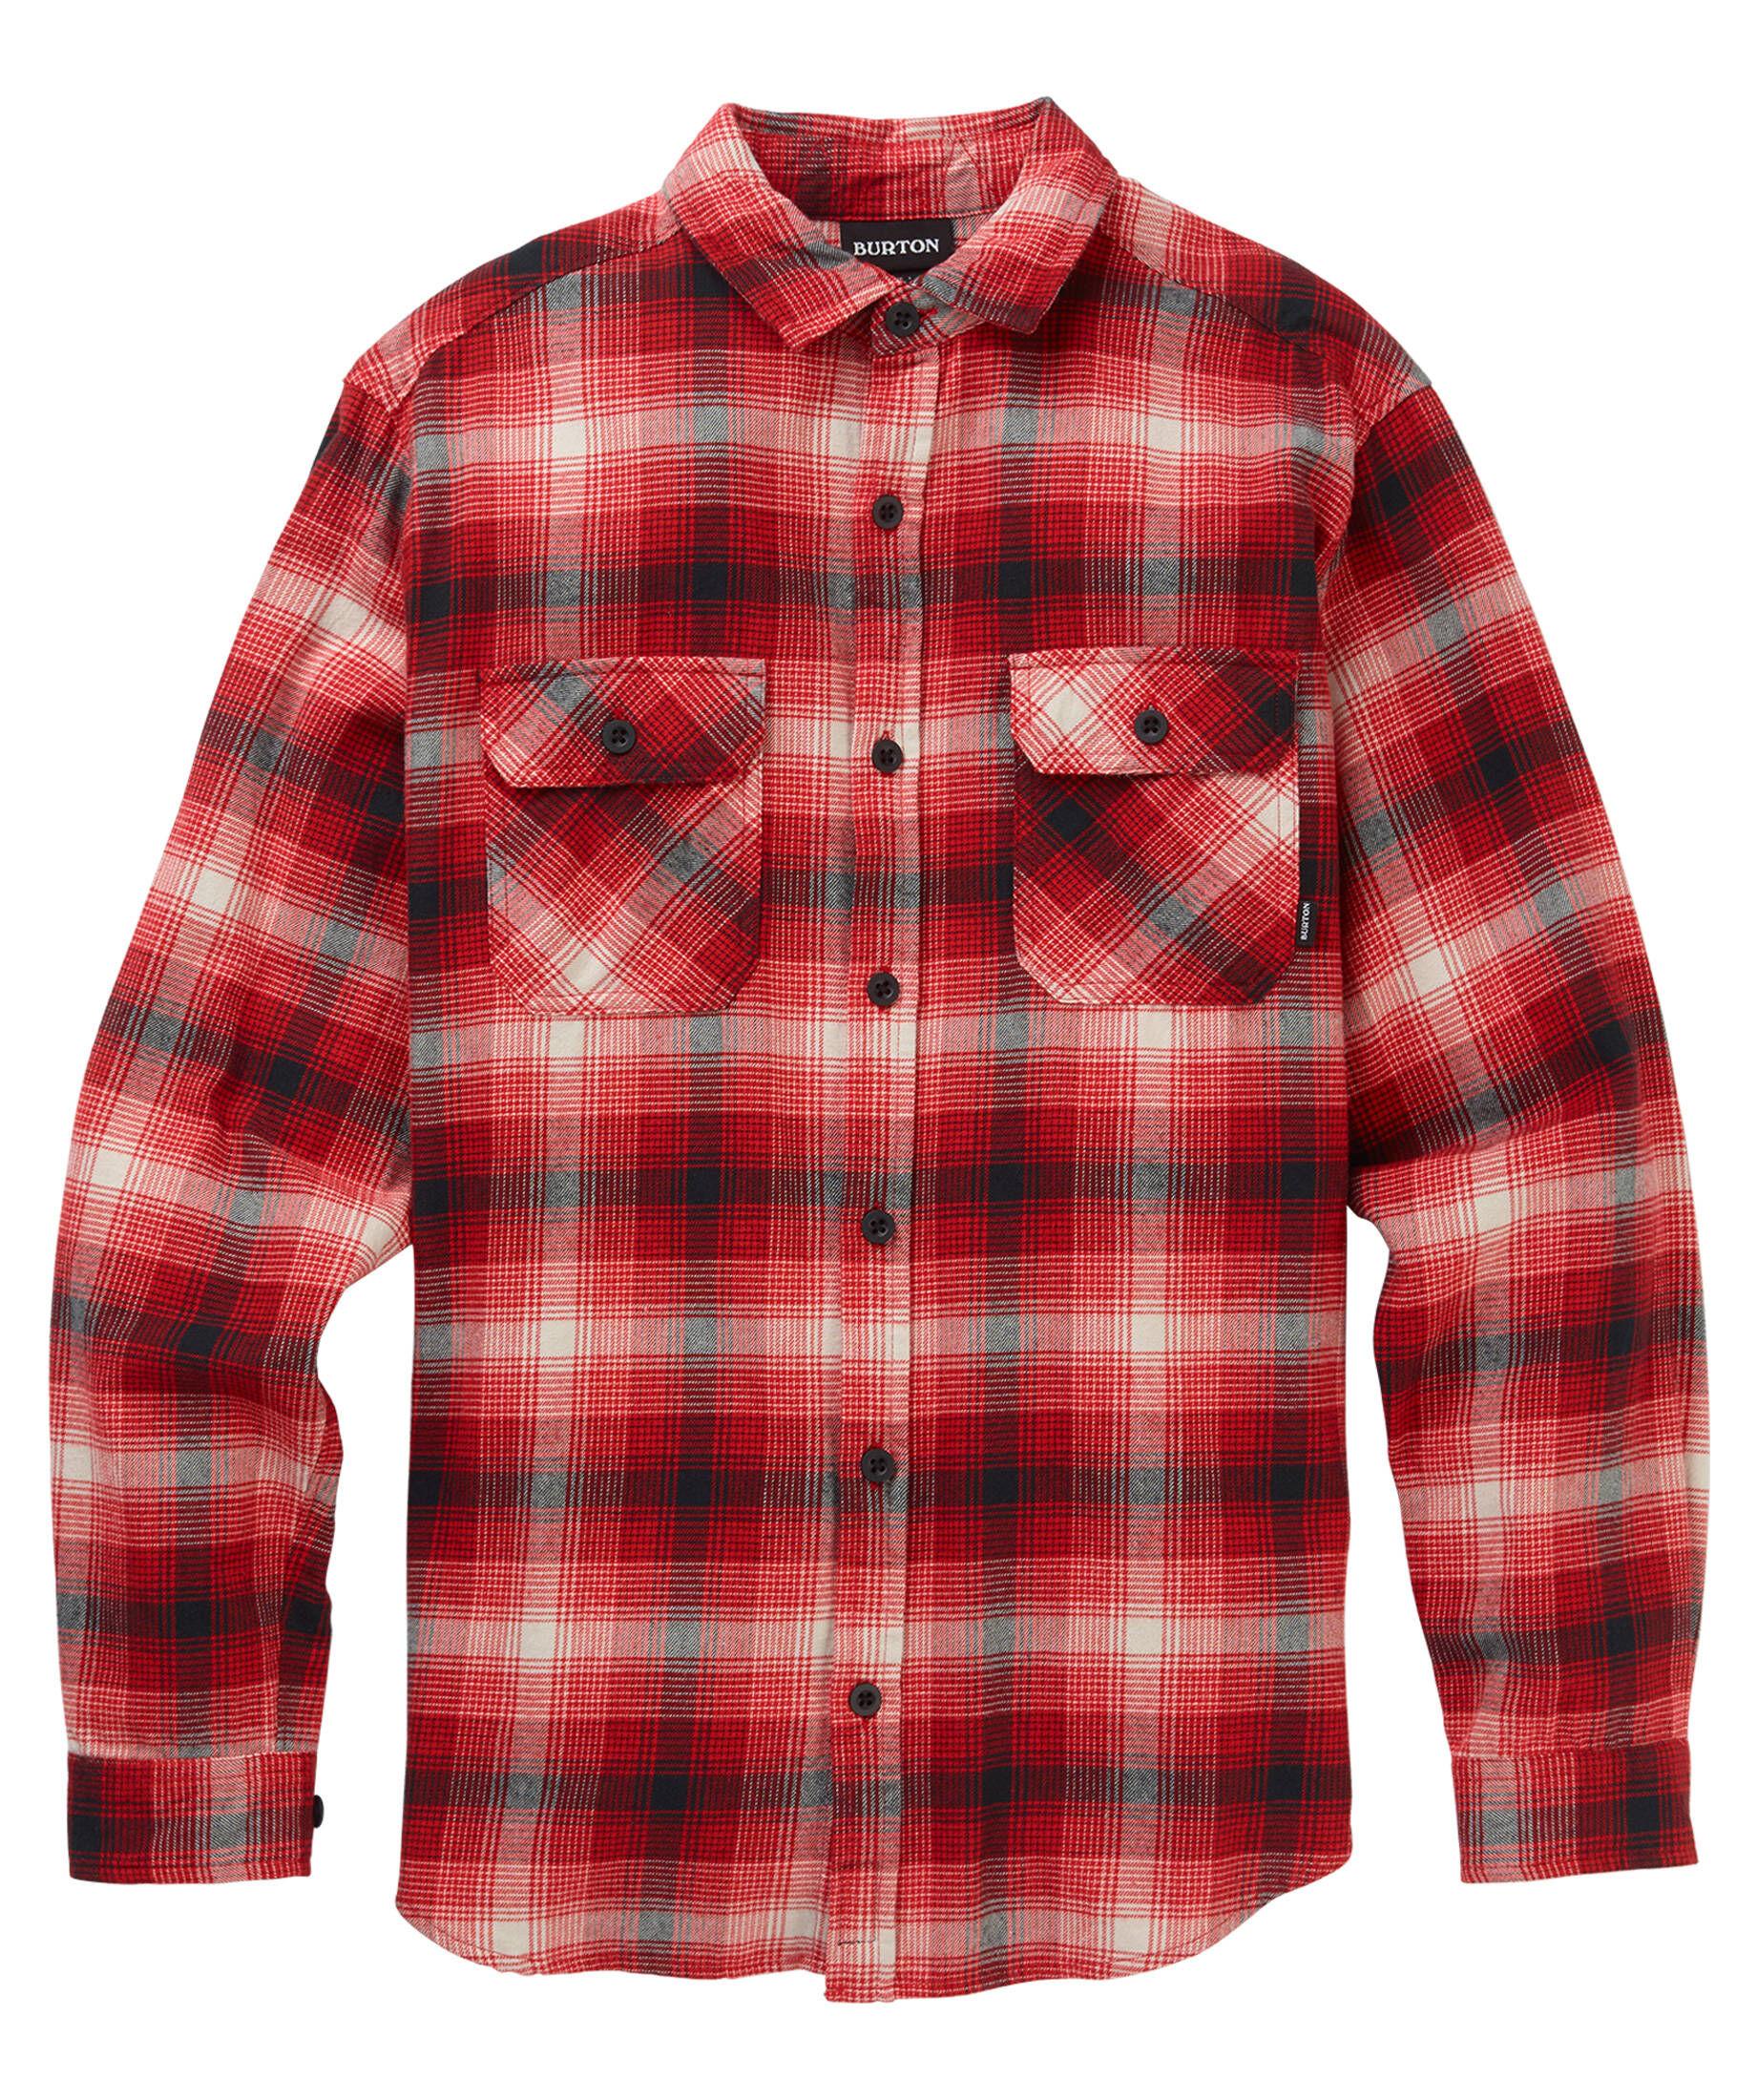 ODLO Hemd Shirt Mythen 2.0 kurzarm rot Outdoorhemd Wanderhemd M XXL Funktion